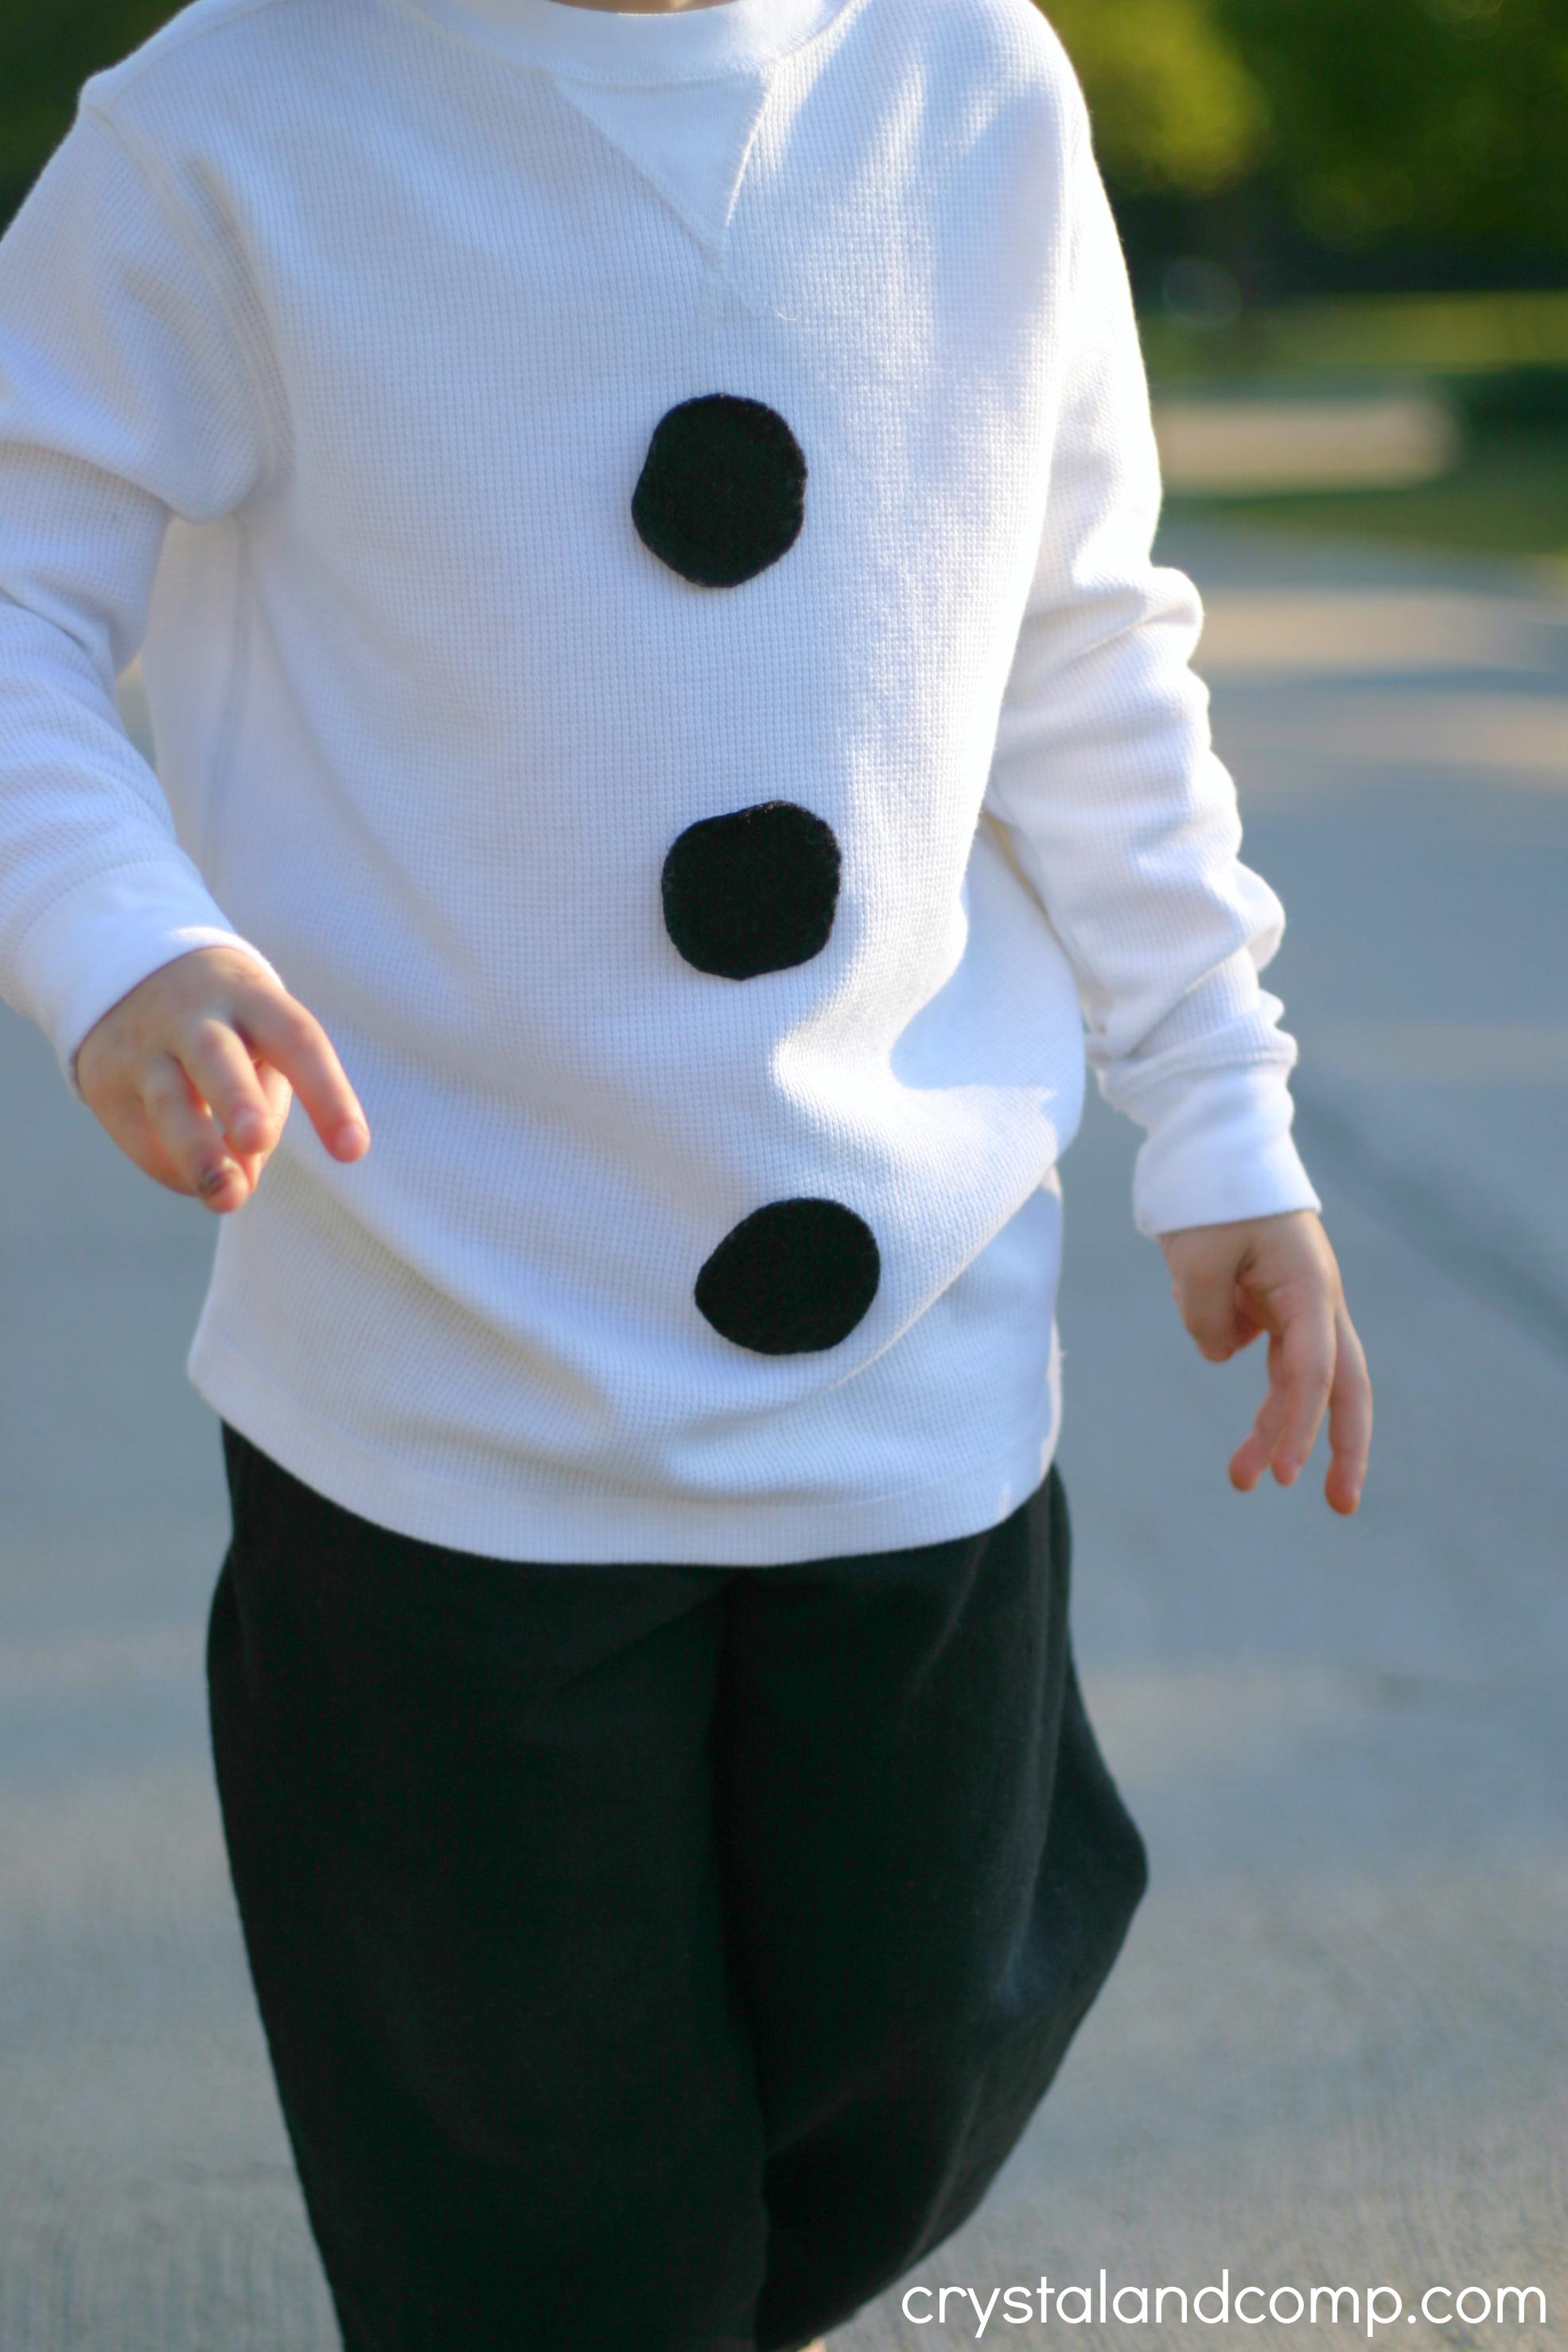 Use Felt To Make A Homemade Olaf Costume